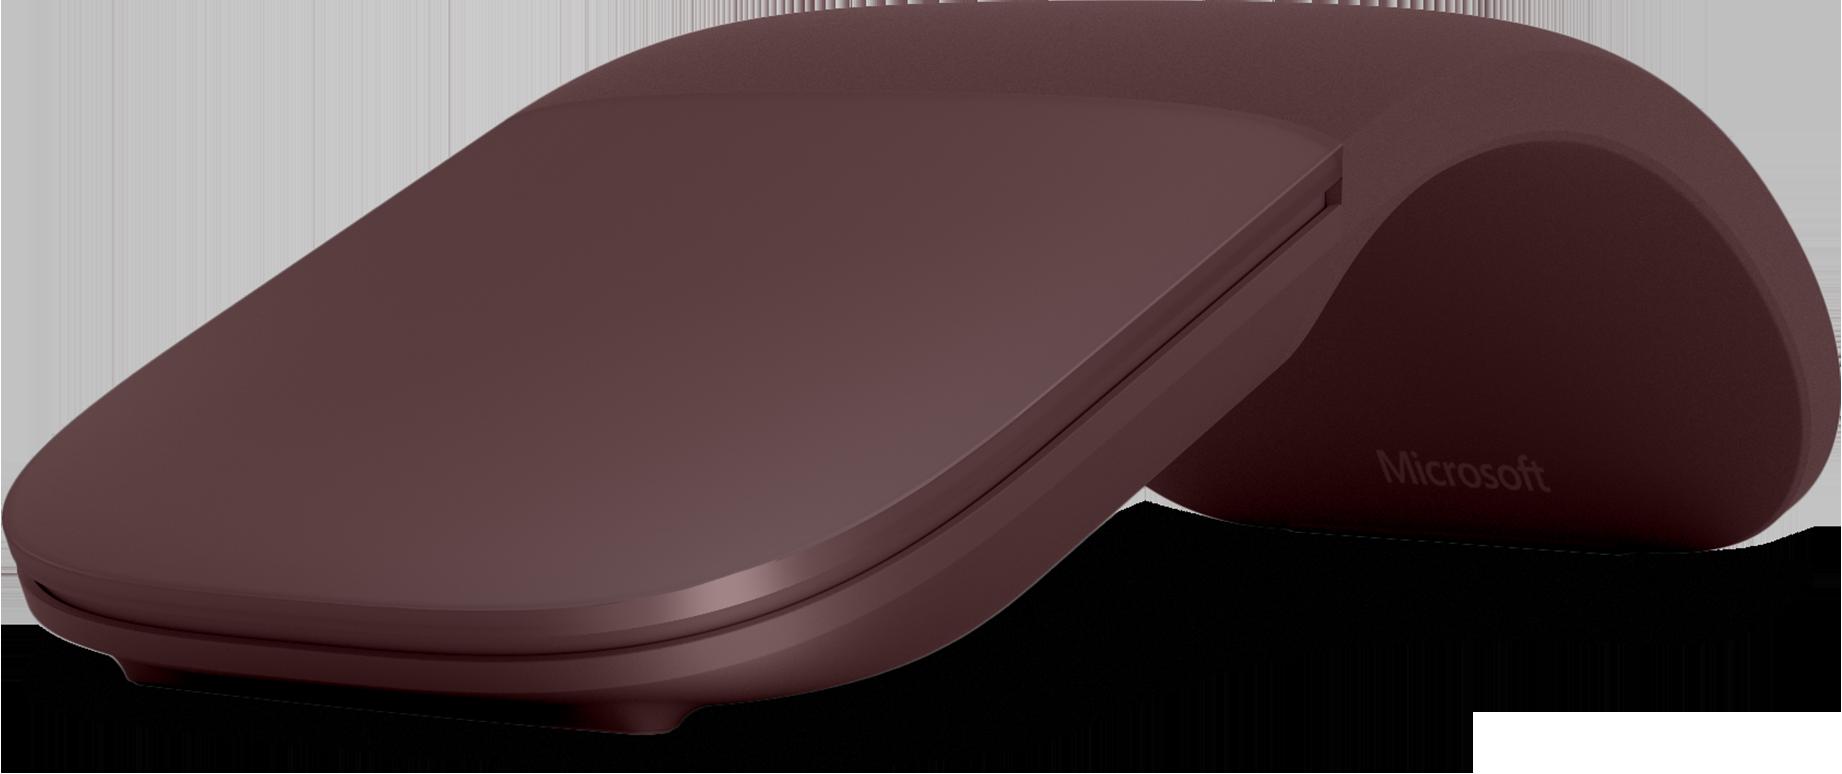 Surface Arc Mouse (Burgundy)